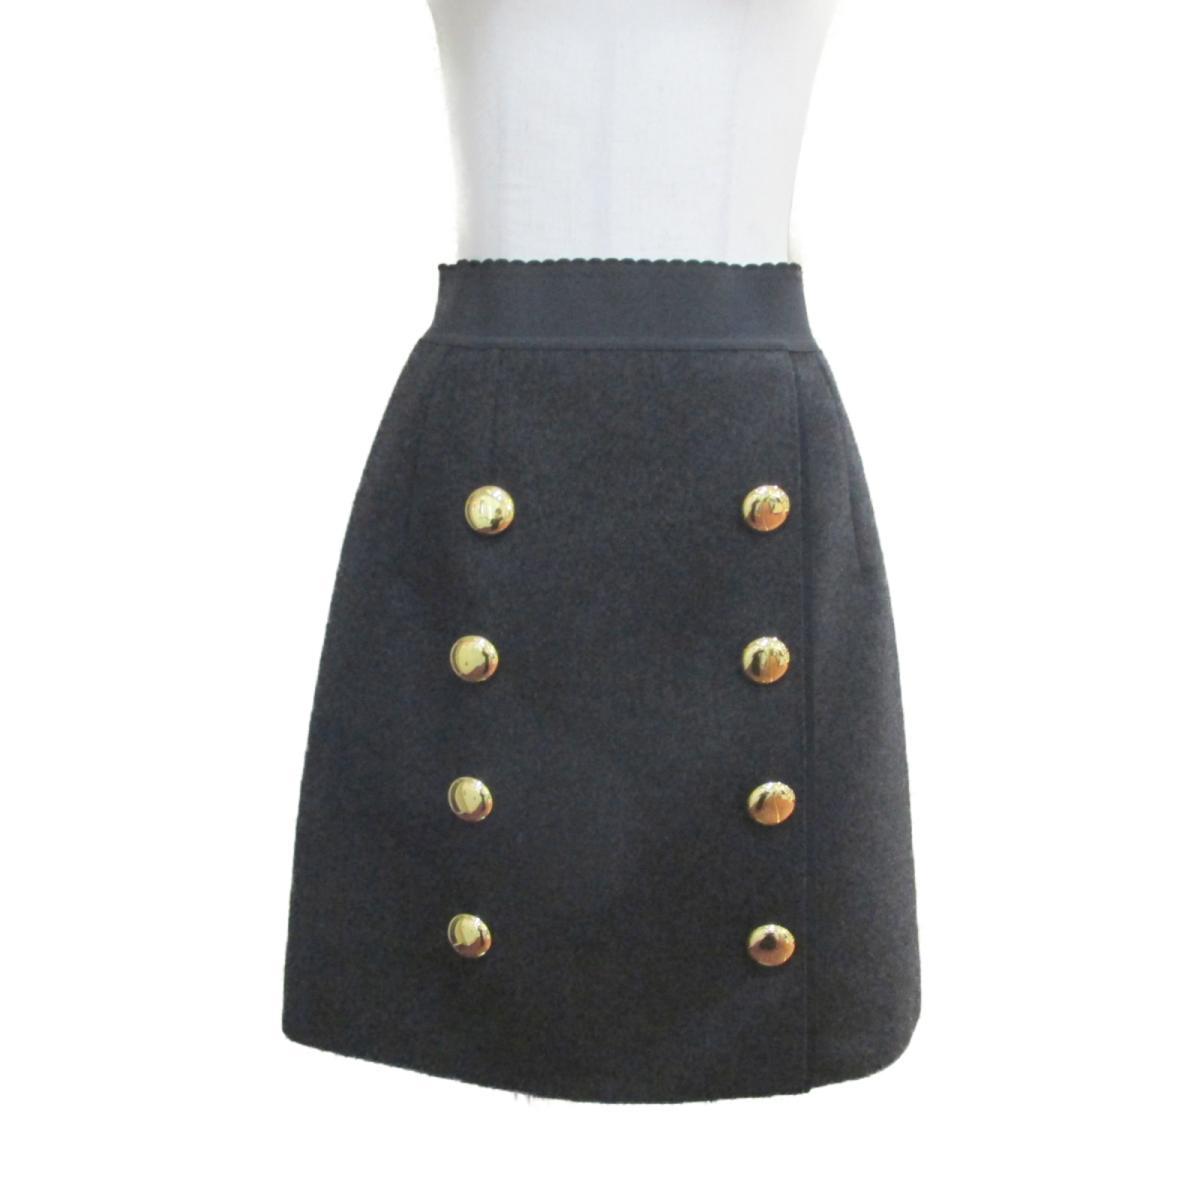 【中古】 ドルチェ&ガッバーナ スカート レディース ウール100% チャコールグレー | Dolce & Gabbana BRANDOFF ブランドオフ 衣料品 衣類 ブランド ボトムス